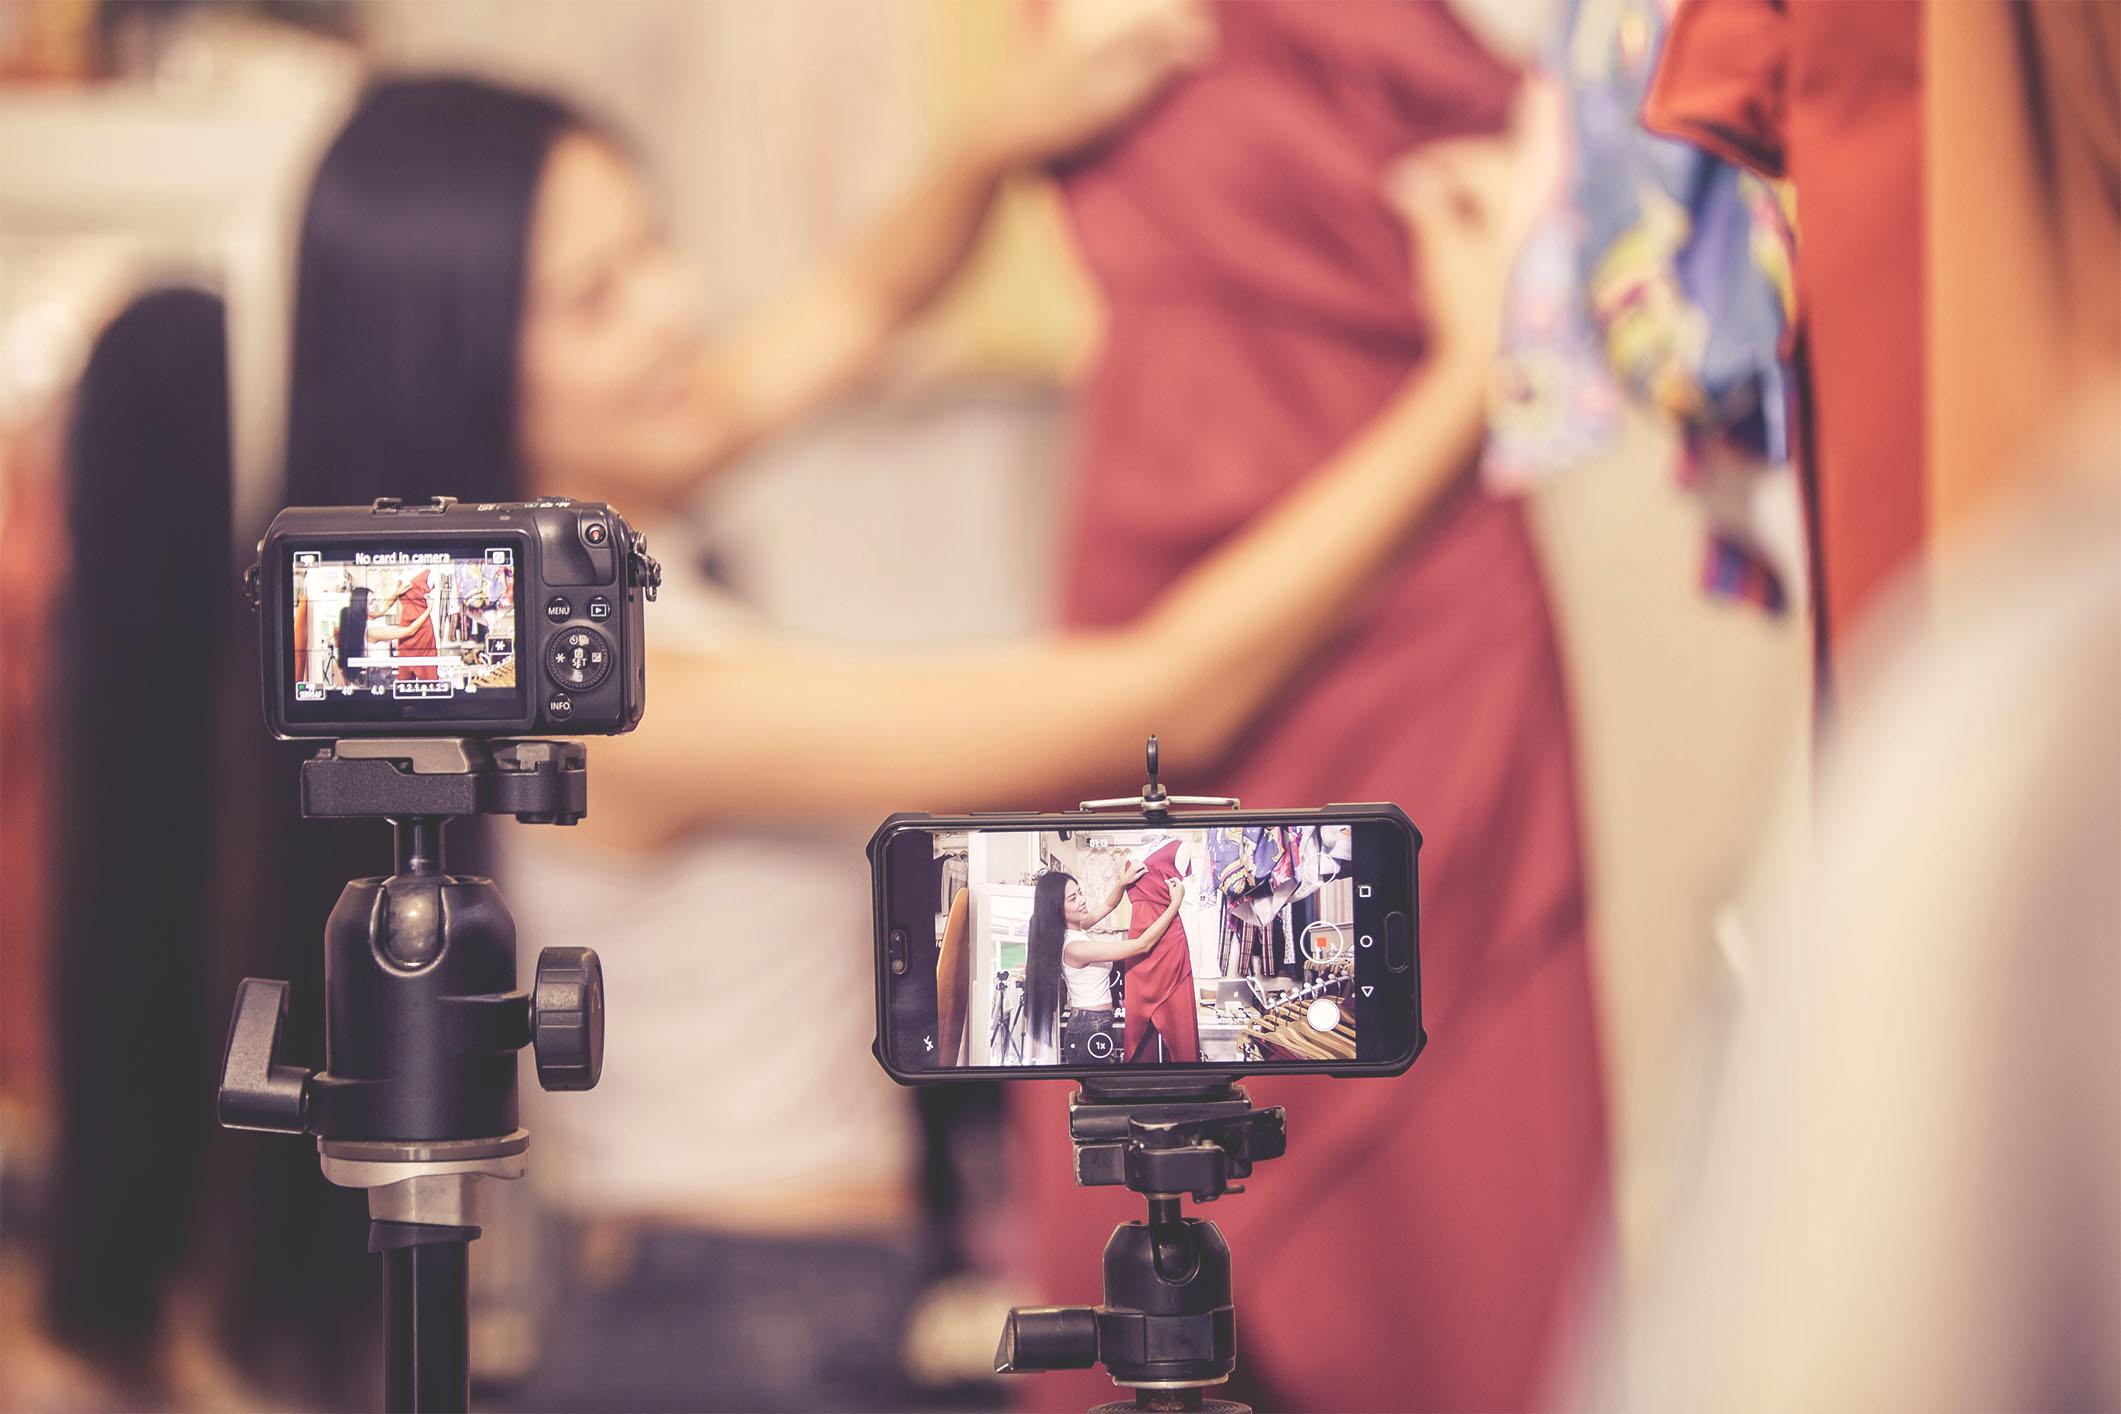 Le Live Shopping nécessite une infrastructure réseau adaptée aux usages de la vidéo mobile.